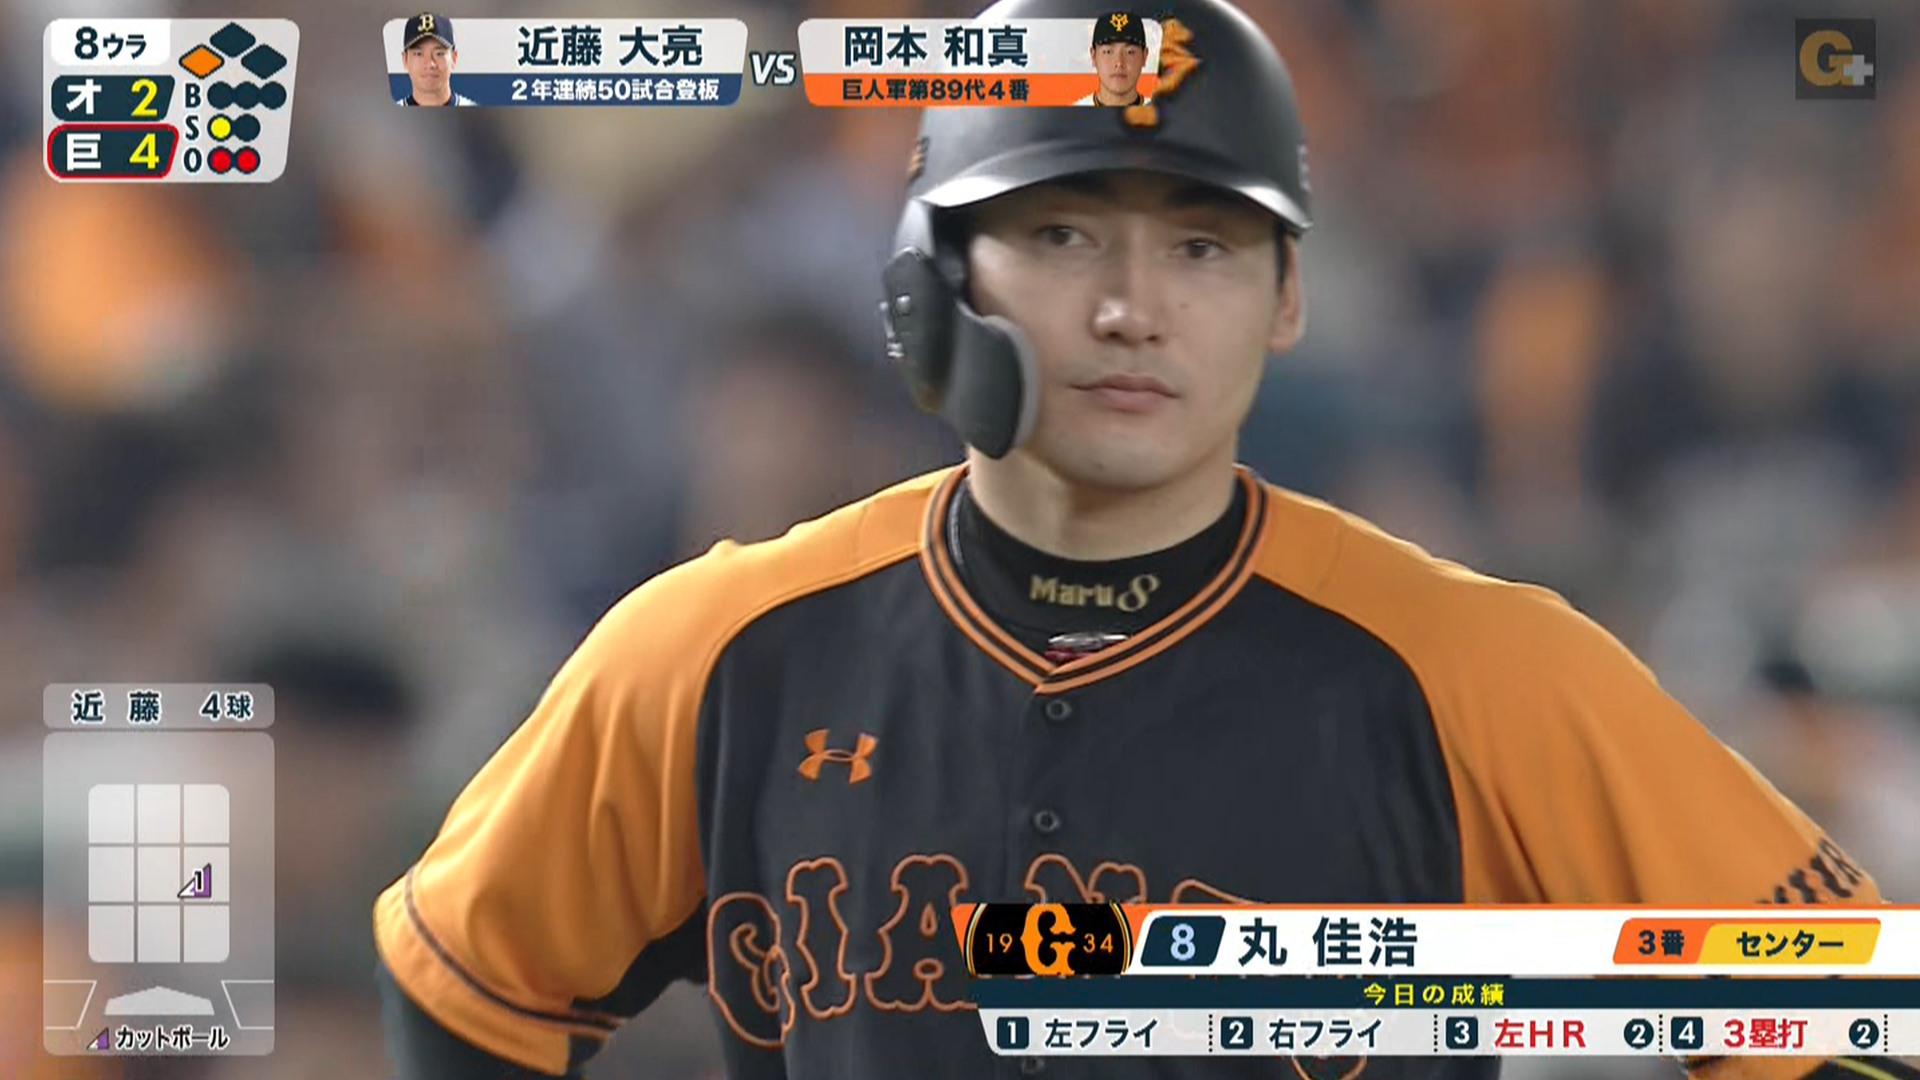 巨人・丸、久しぶりに東京ドームのお立ち台へ 一人で全打点を叩き出す大活躍